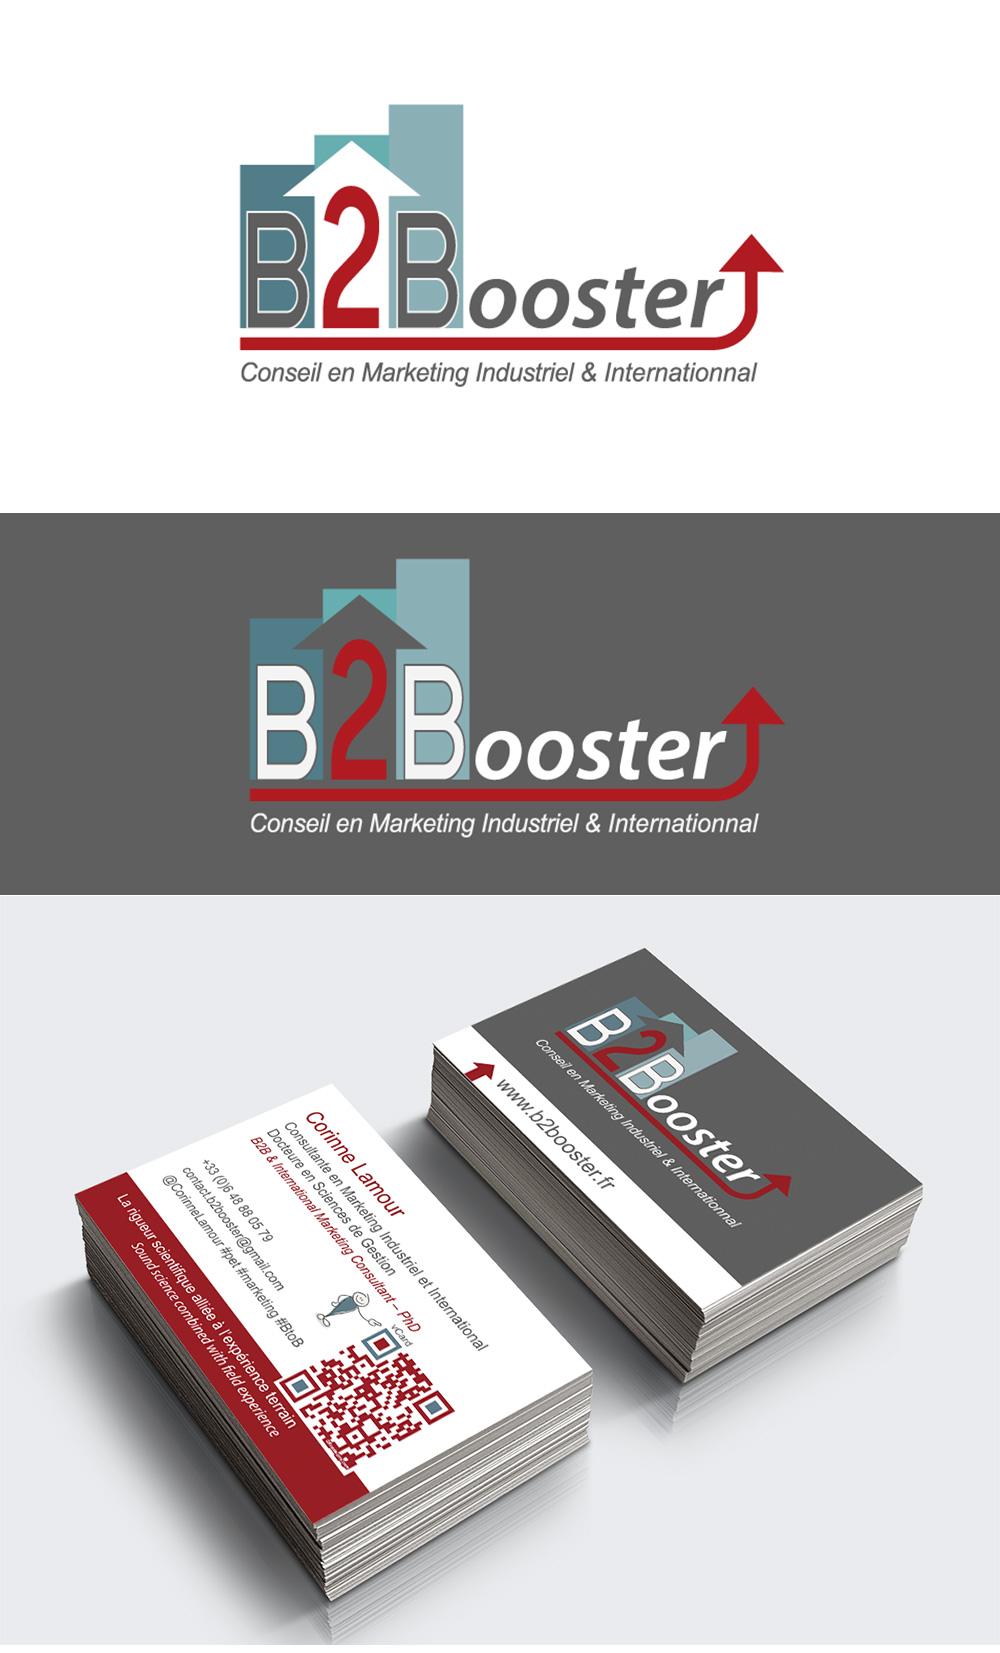 Identité visuelle - B2Booster - Logotype et carte de visite par Turkoiz Créations by Valérie Perrodo